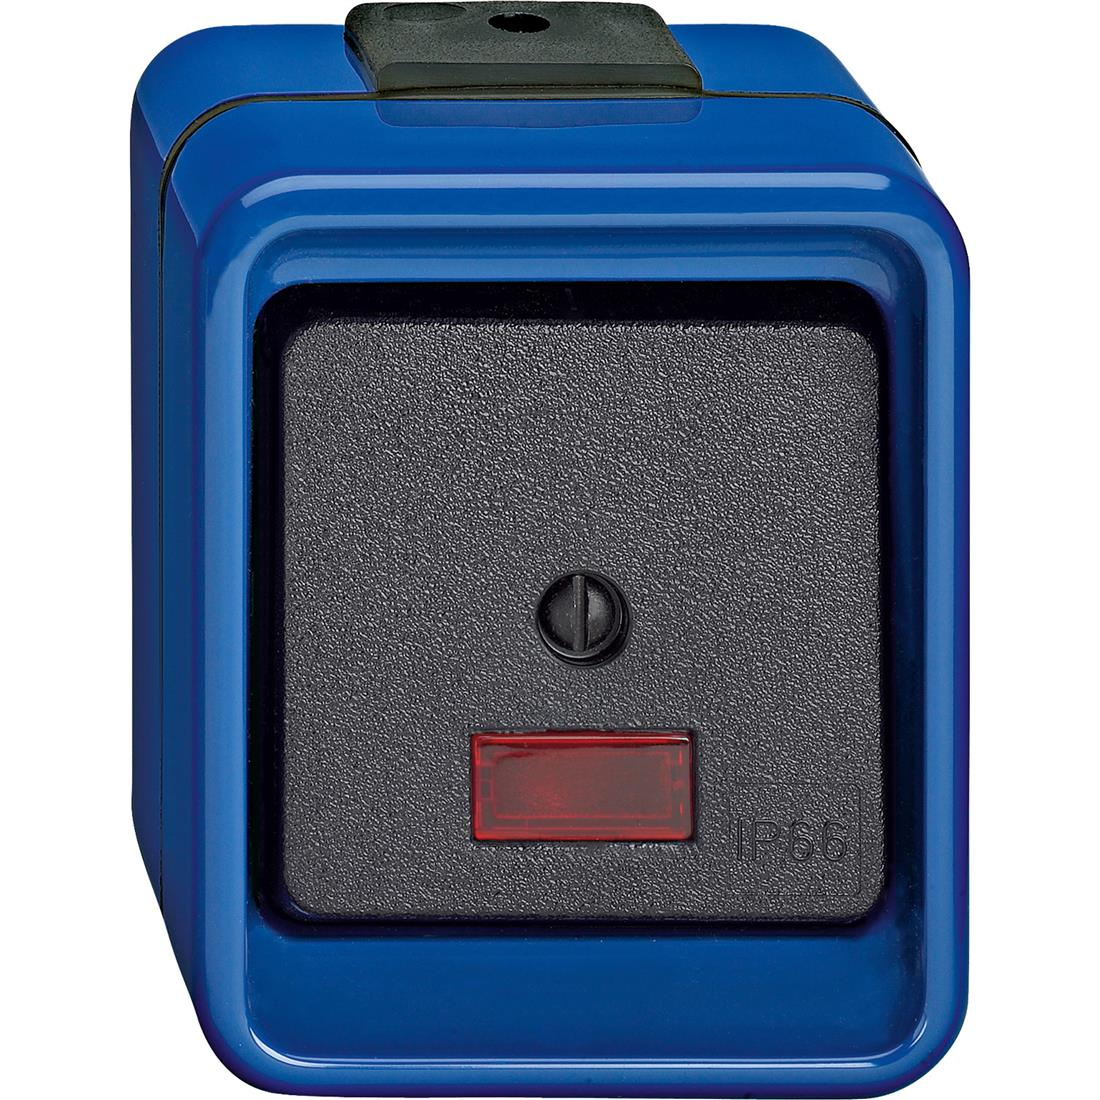 Schneider-Merten Slagvast 2-polig schakelaar met lamp - blauw (372275)